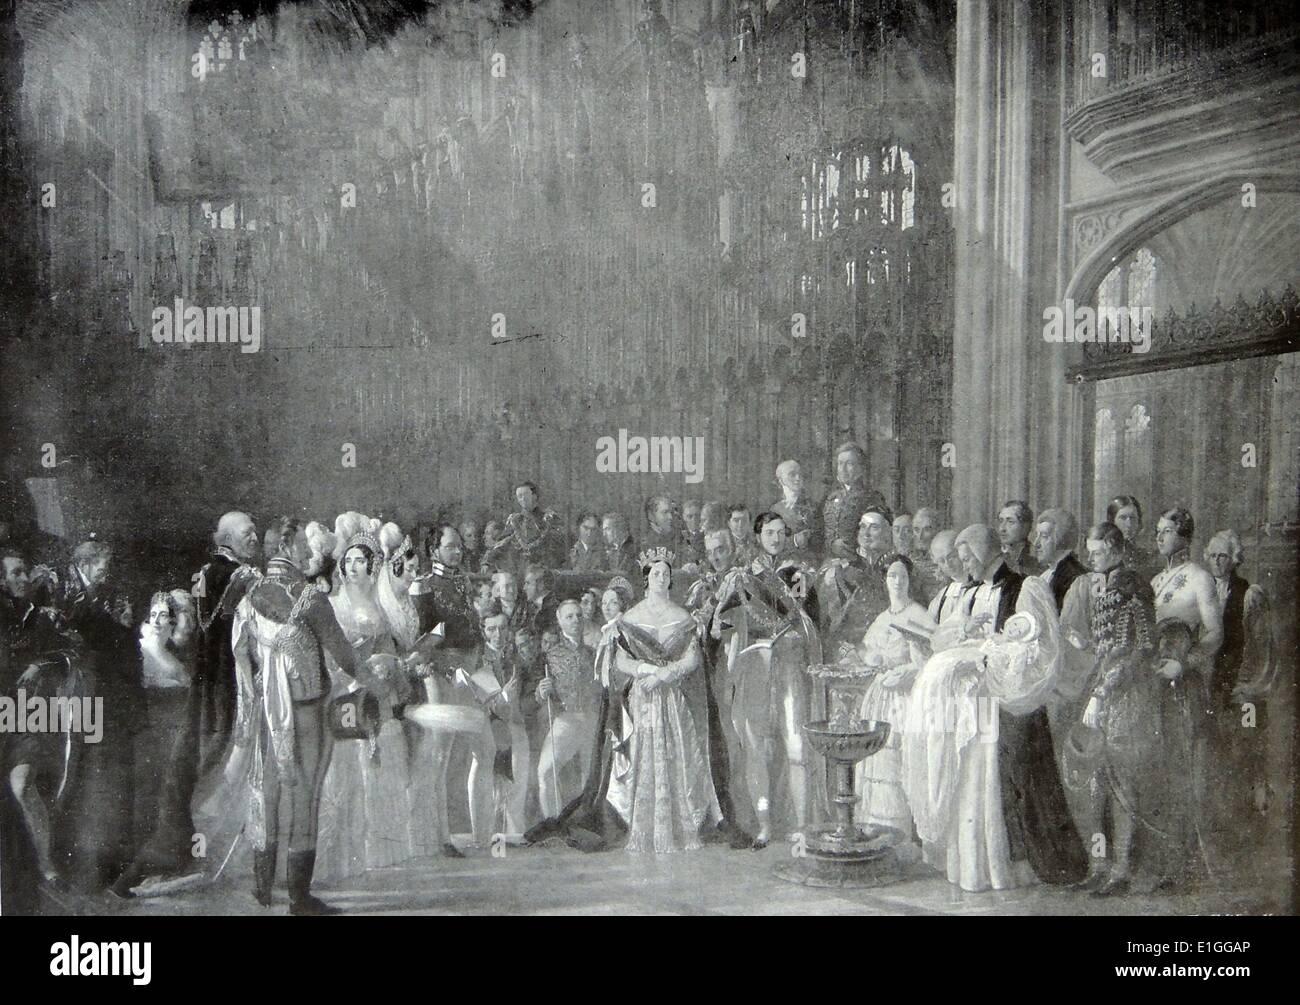 Ilustración mostrando el bautizo del Príncipe de Gales, en la capilla de San Jorge, en Windsor. Fecha 1842 Imagen De Stock